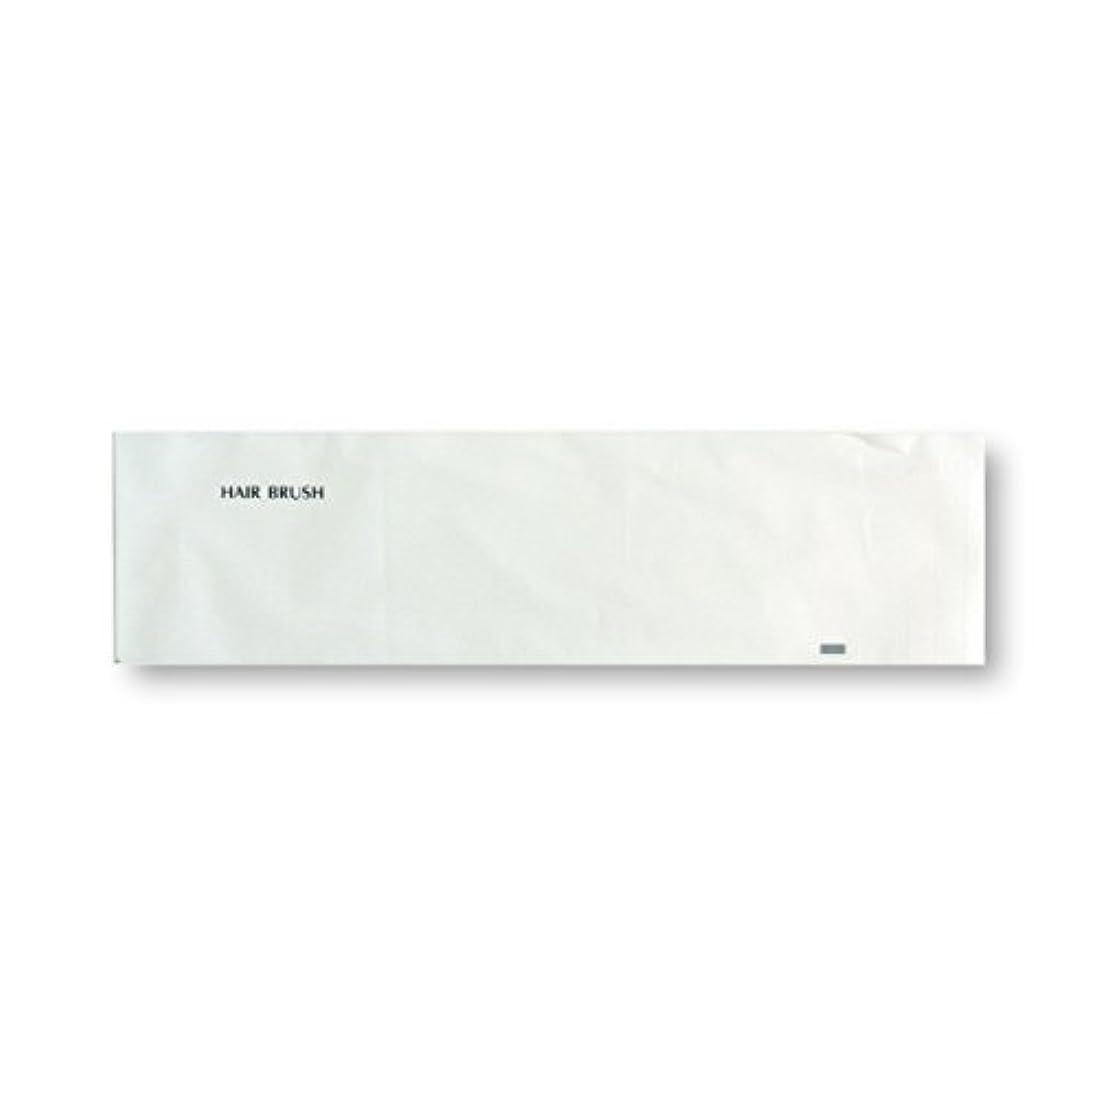 気を散らすマイルド統治するヘアブラシ用袋 マットシリーズ 1000枚